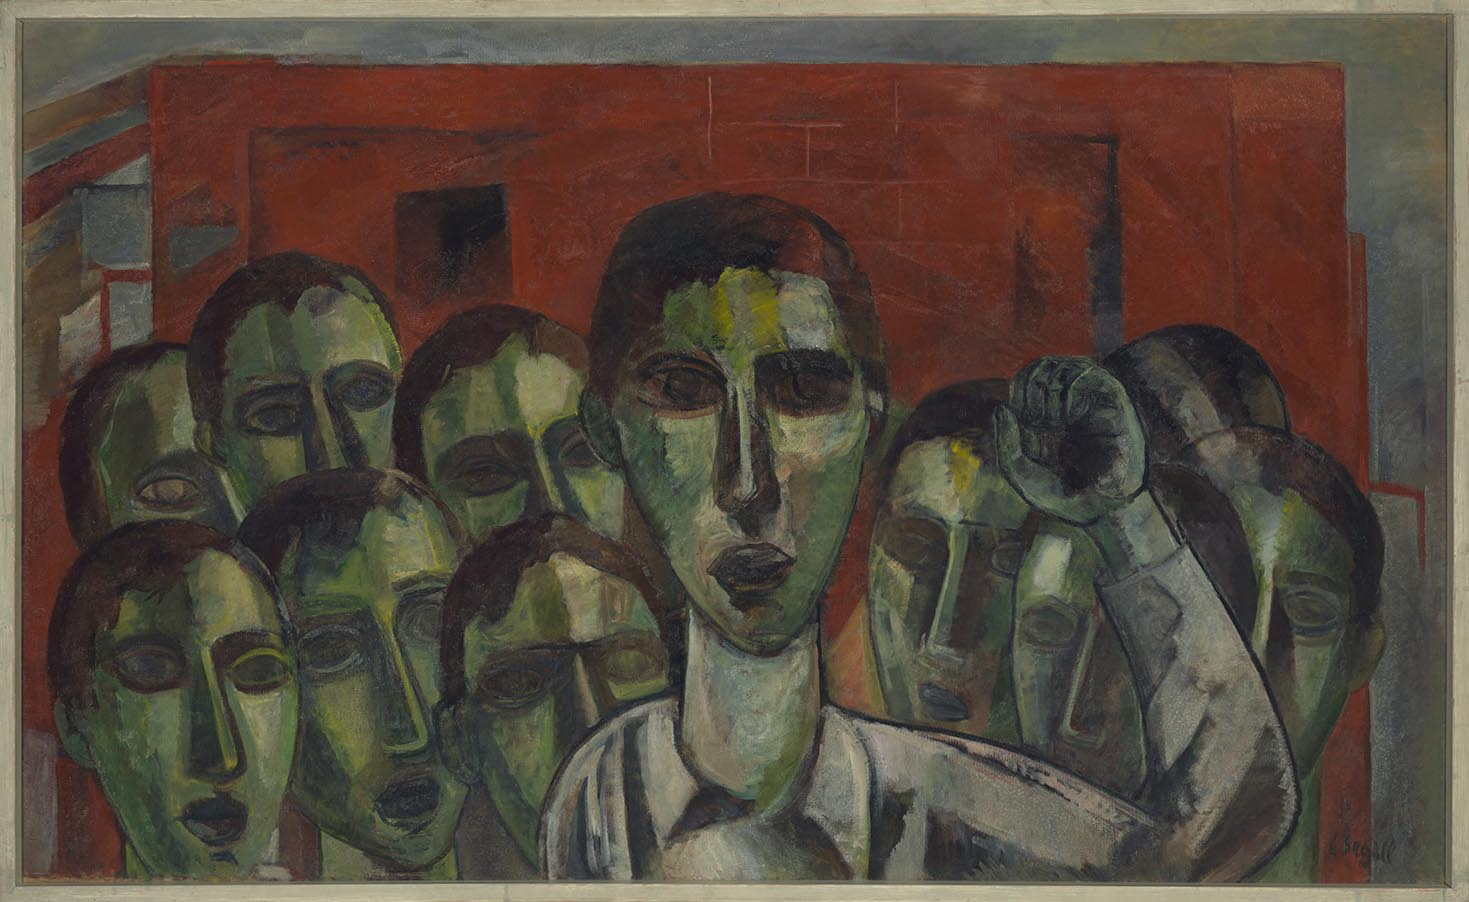 Lasar Segall, <i>Greve</i>, 1956. Cortesia do Museu Lasar Segall – Ibram/Ministério do Turismo